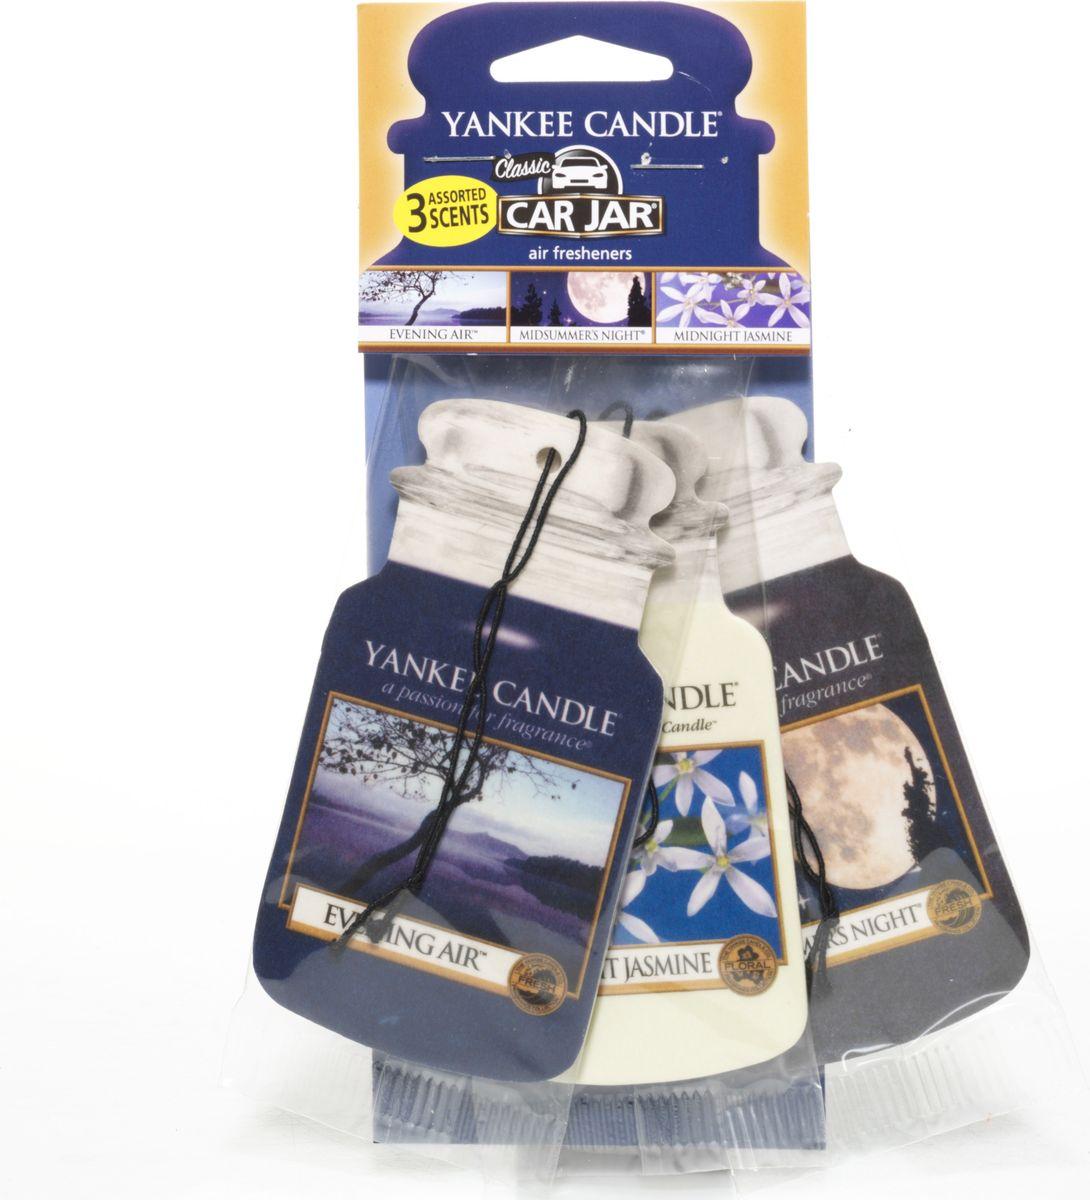 Авто-ароматизатор Yankee Candle Вечерняя прогулка, сухой, 3 шт13GO11FOУпаковка содержит 3 аромата ( Летняя ночь, Полуночный жасмин , Вечерний воздух ). Ароматизатор от самого известного производителя ароматов для дома в мире , Yankee Candle , прекрасно ароматизирует маленькие пространства, при этом не обладая навязчивым запахом, от которого нужно будет проветривать ваш автомобиль . Срок службы каждого ароматизатора до 30 дней.